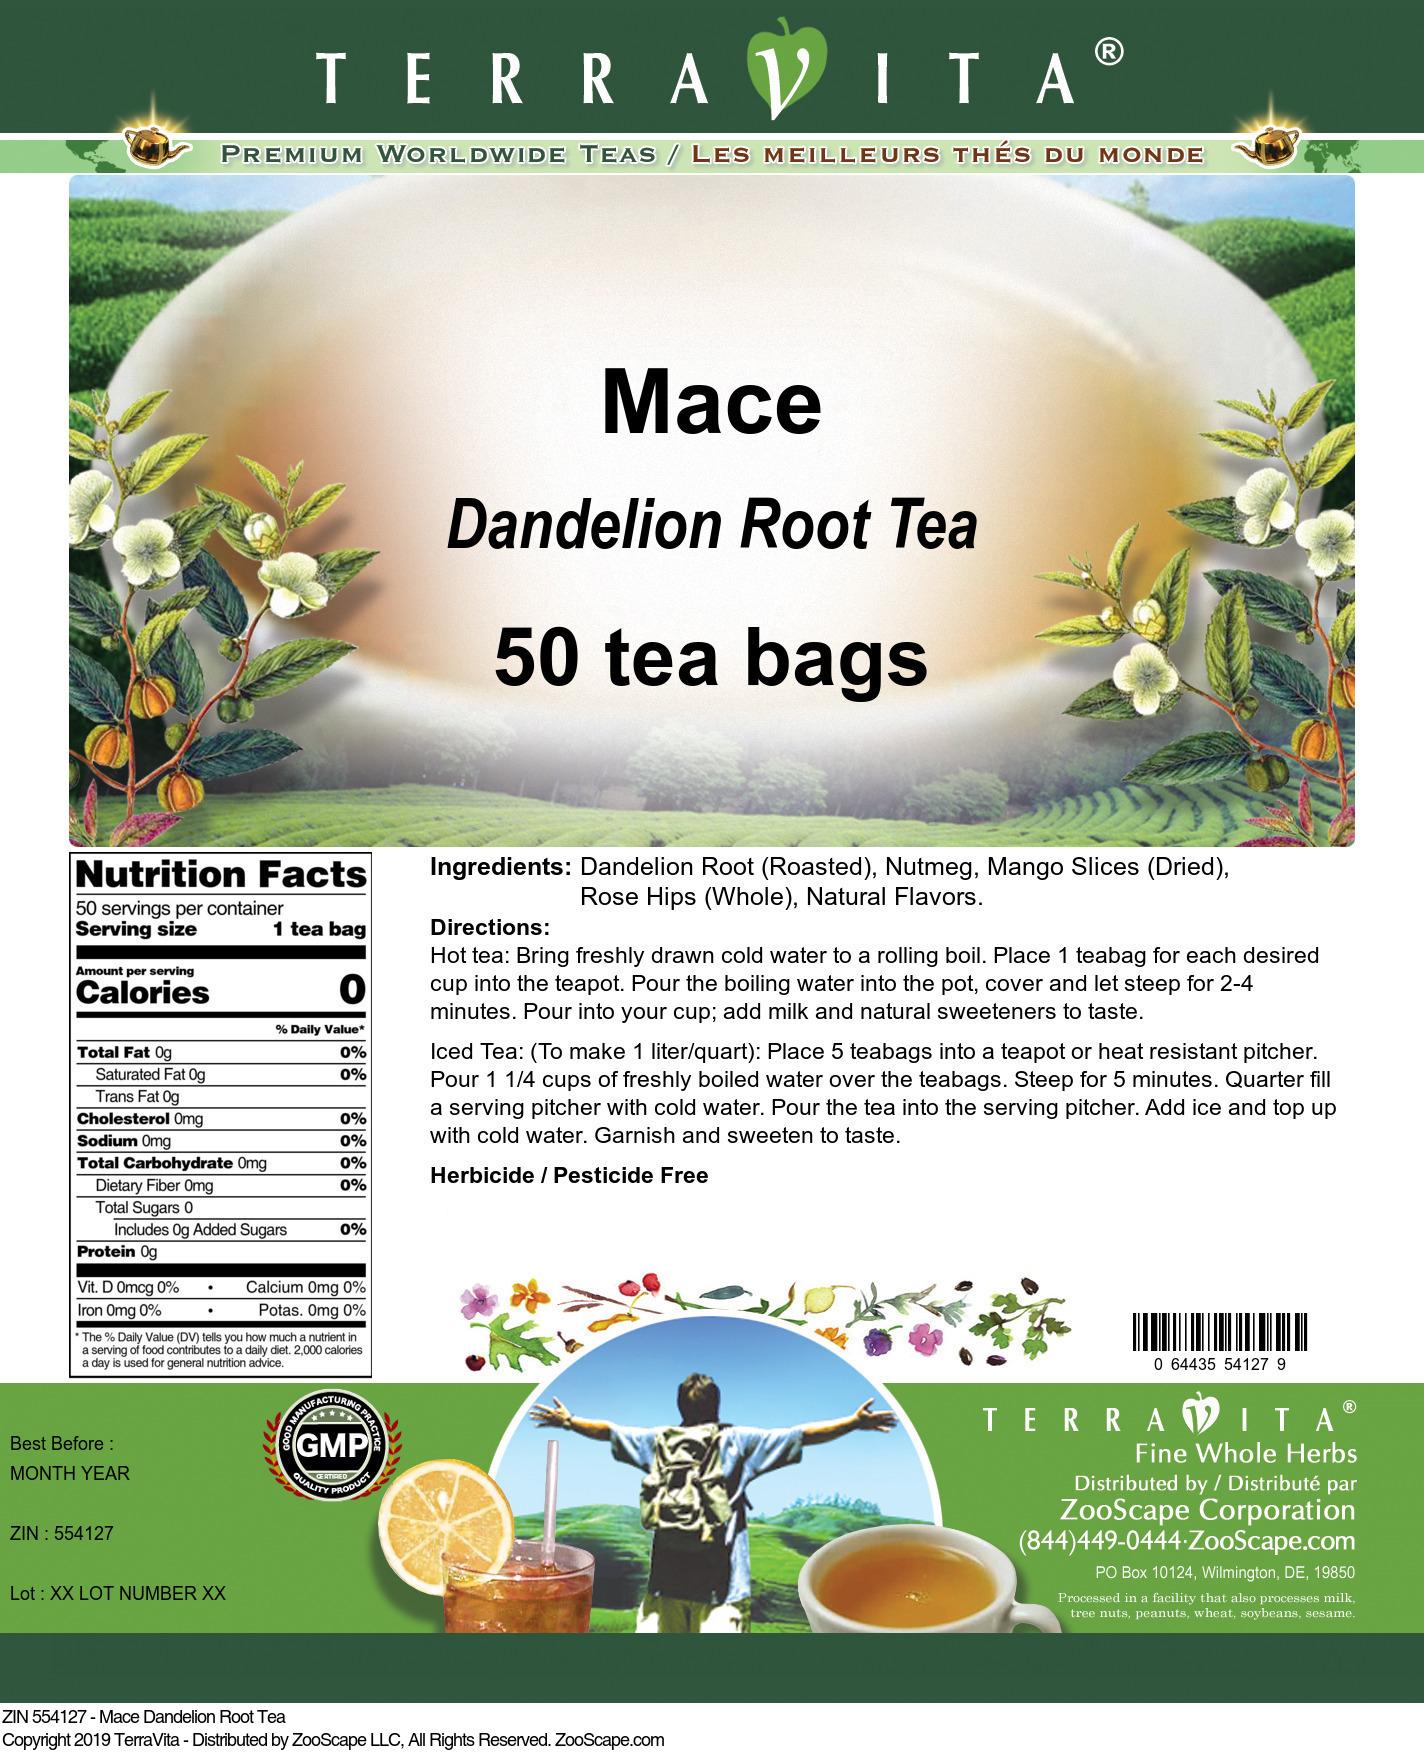 Mace Dandelion Root Tea